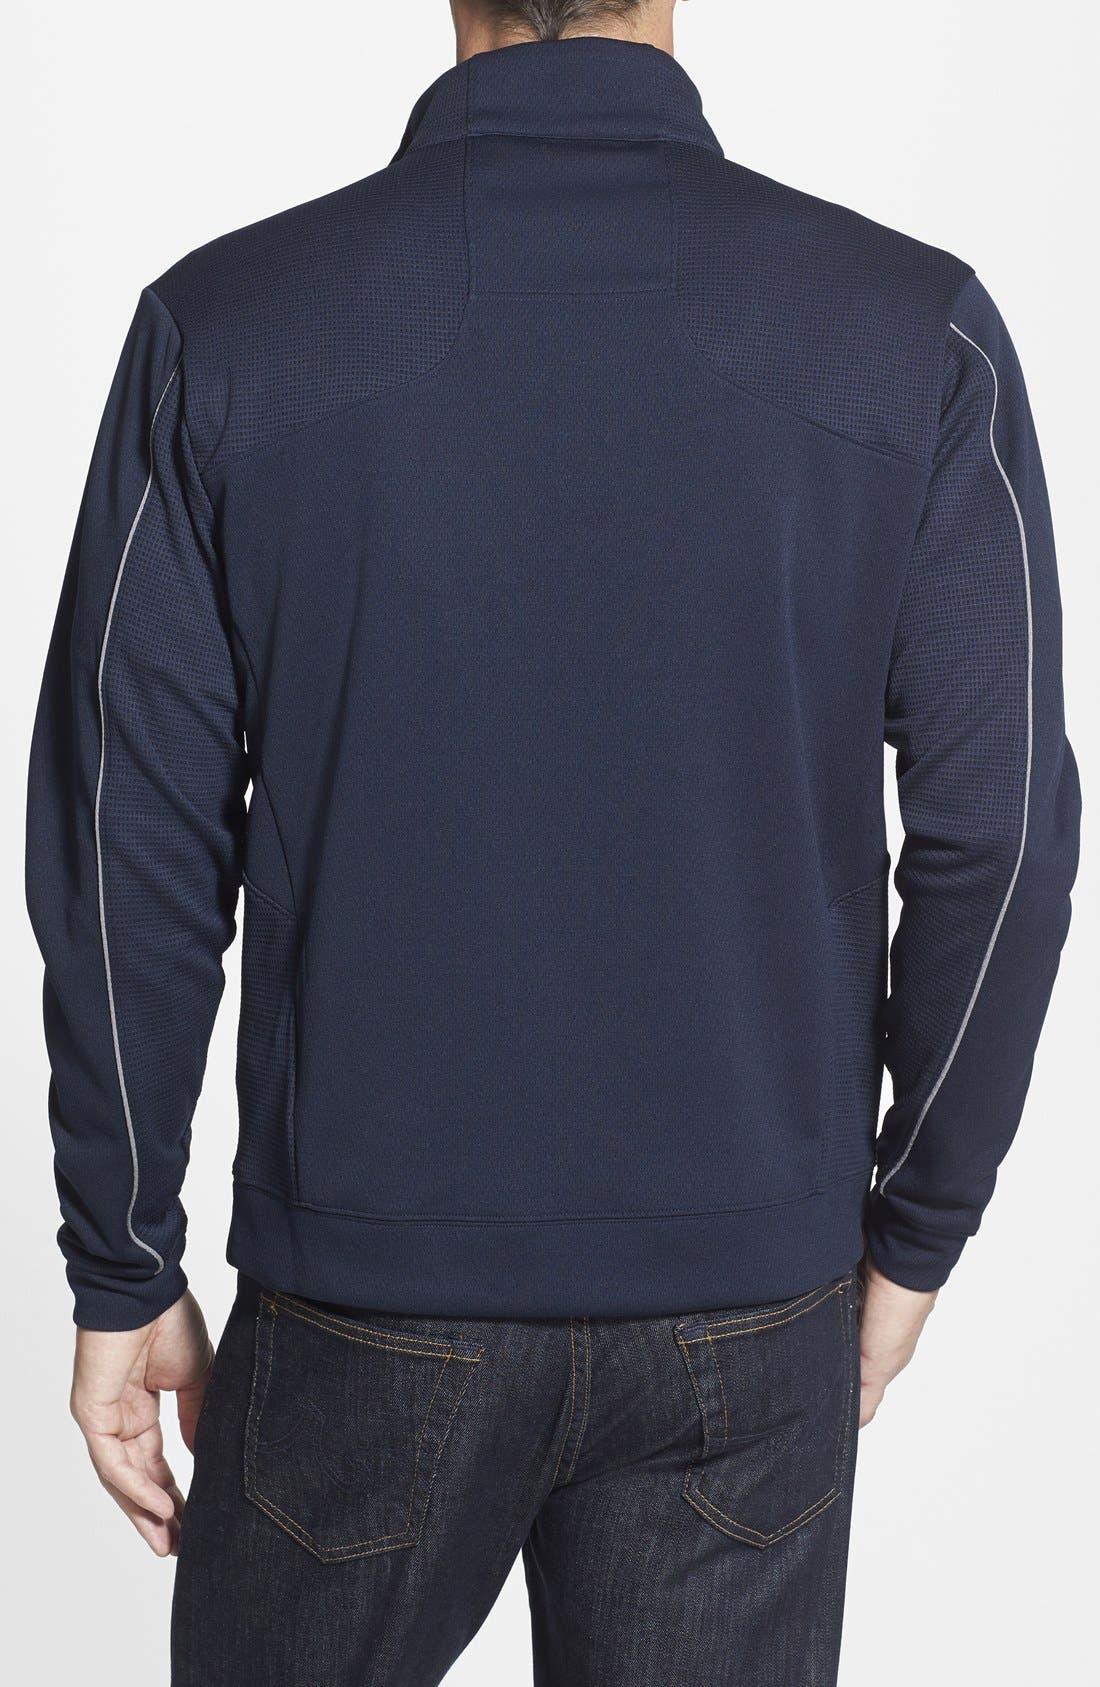 Houston Texans - Edge DryTec Moisture Wicking Half Zip Pullover,                             Alternate thumbnail 2, color,                             420